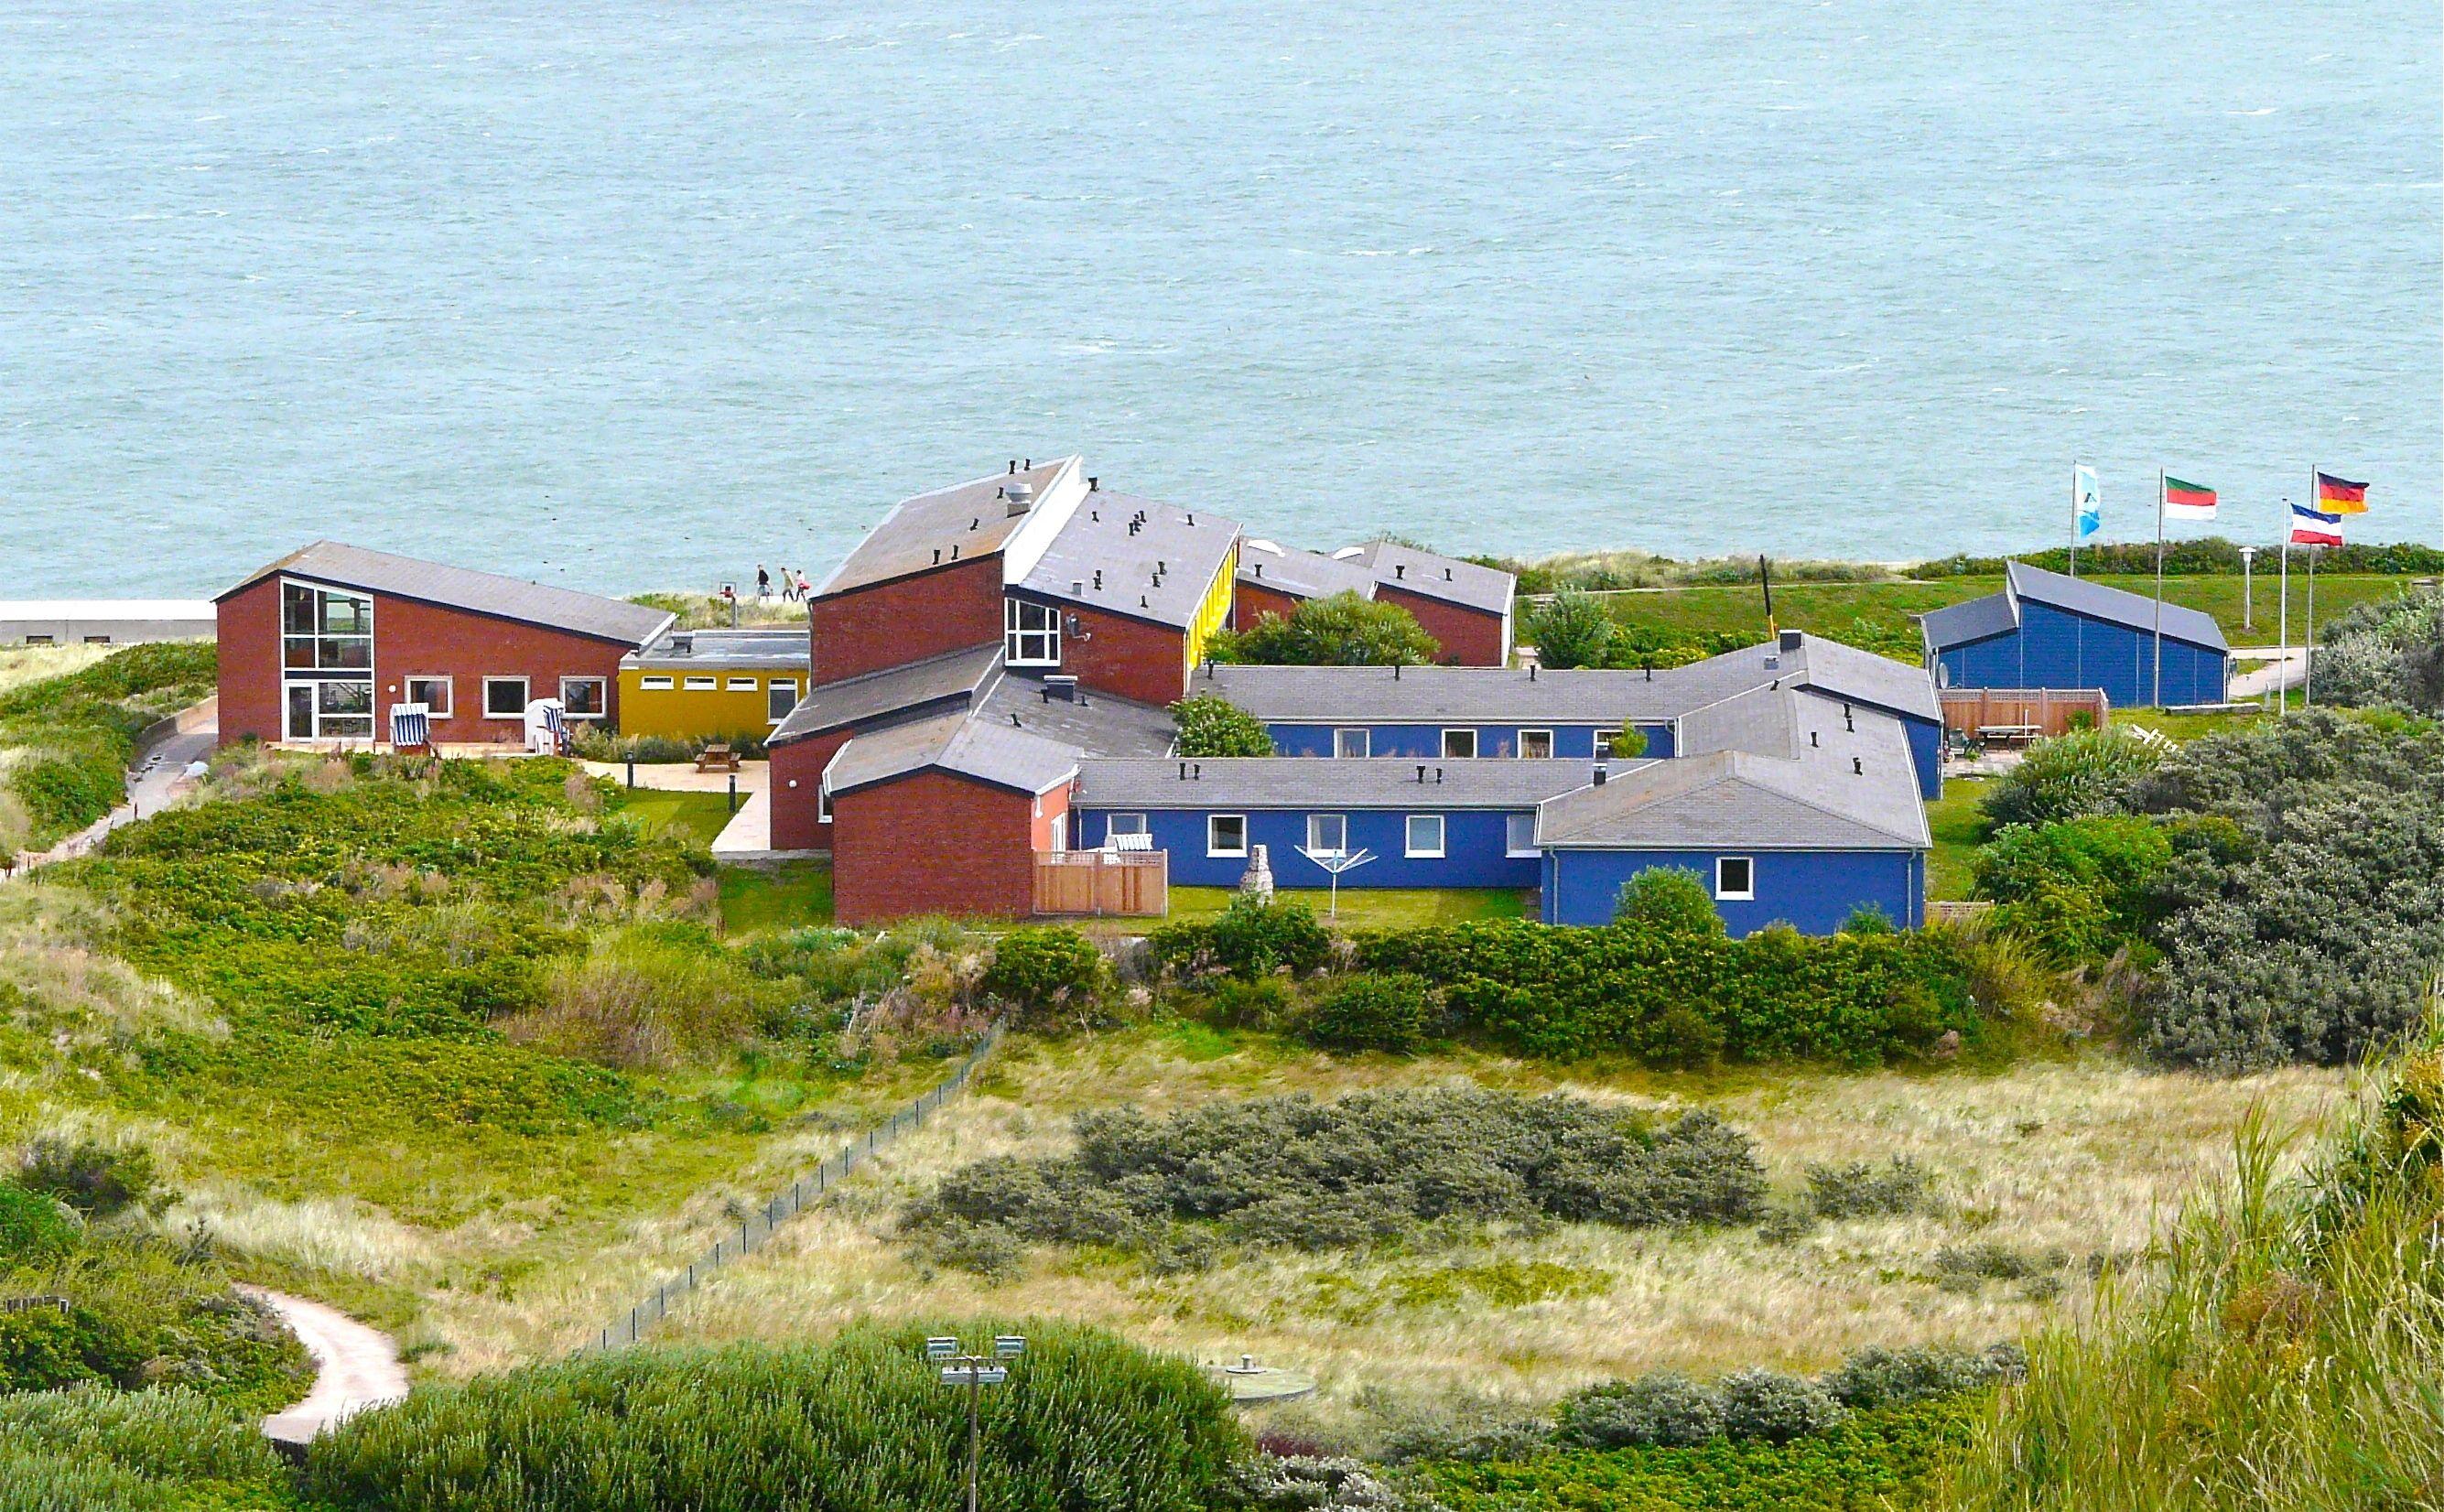 Jugendherberge Haus Der Jugend Helgoland Auf Der Hochseeinsel